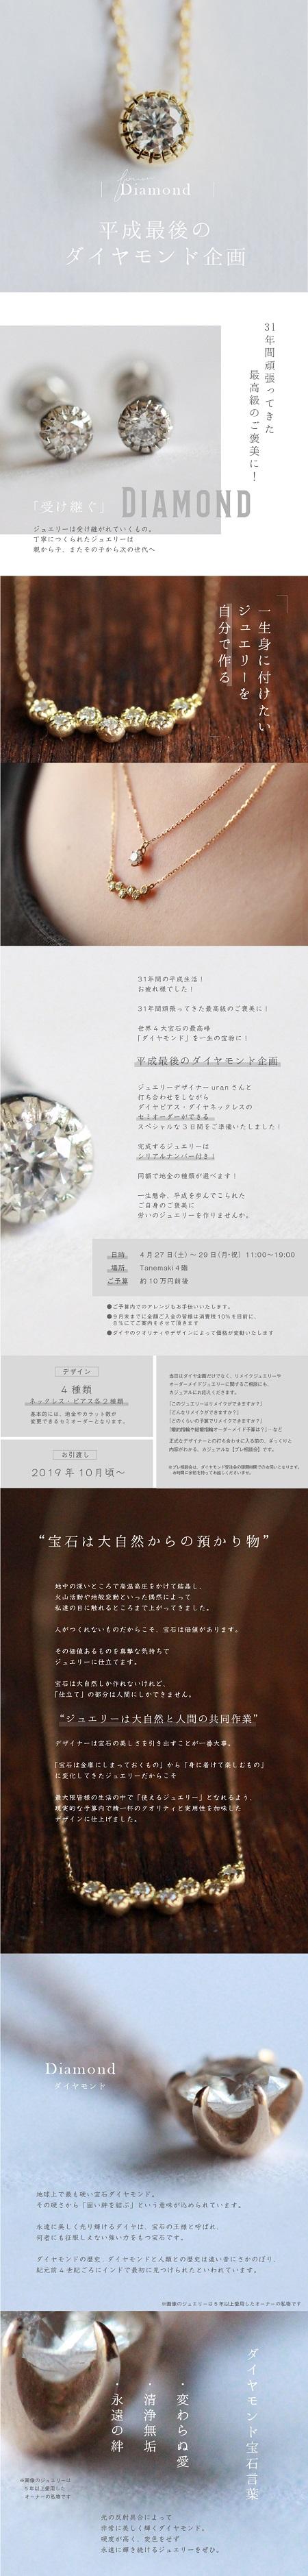 2019_Diamond_1.jpg